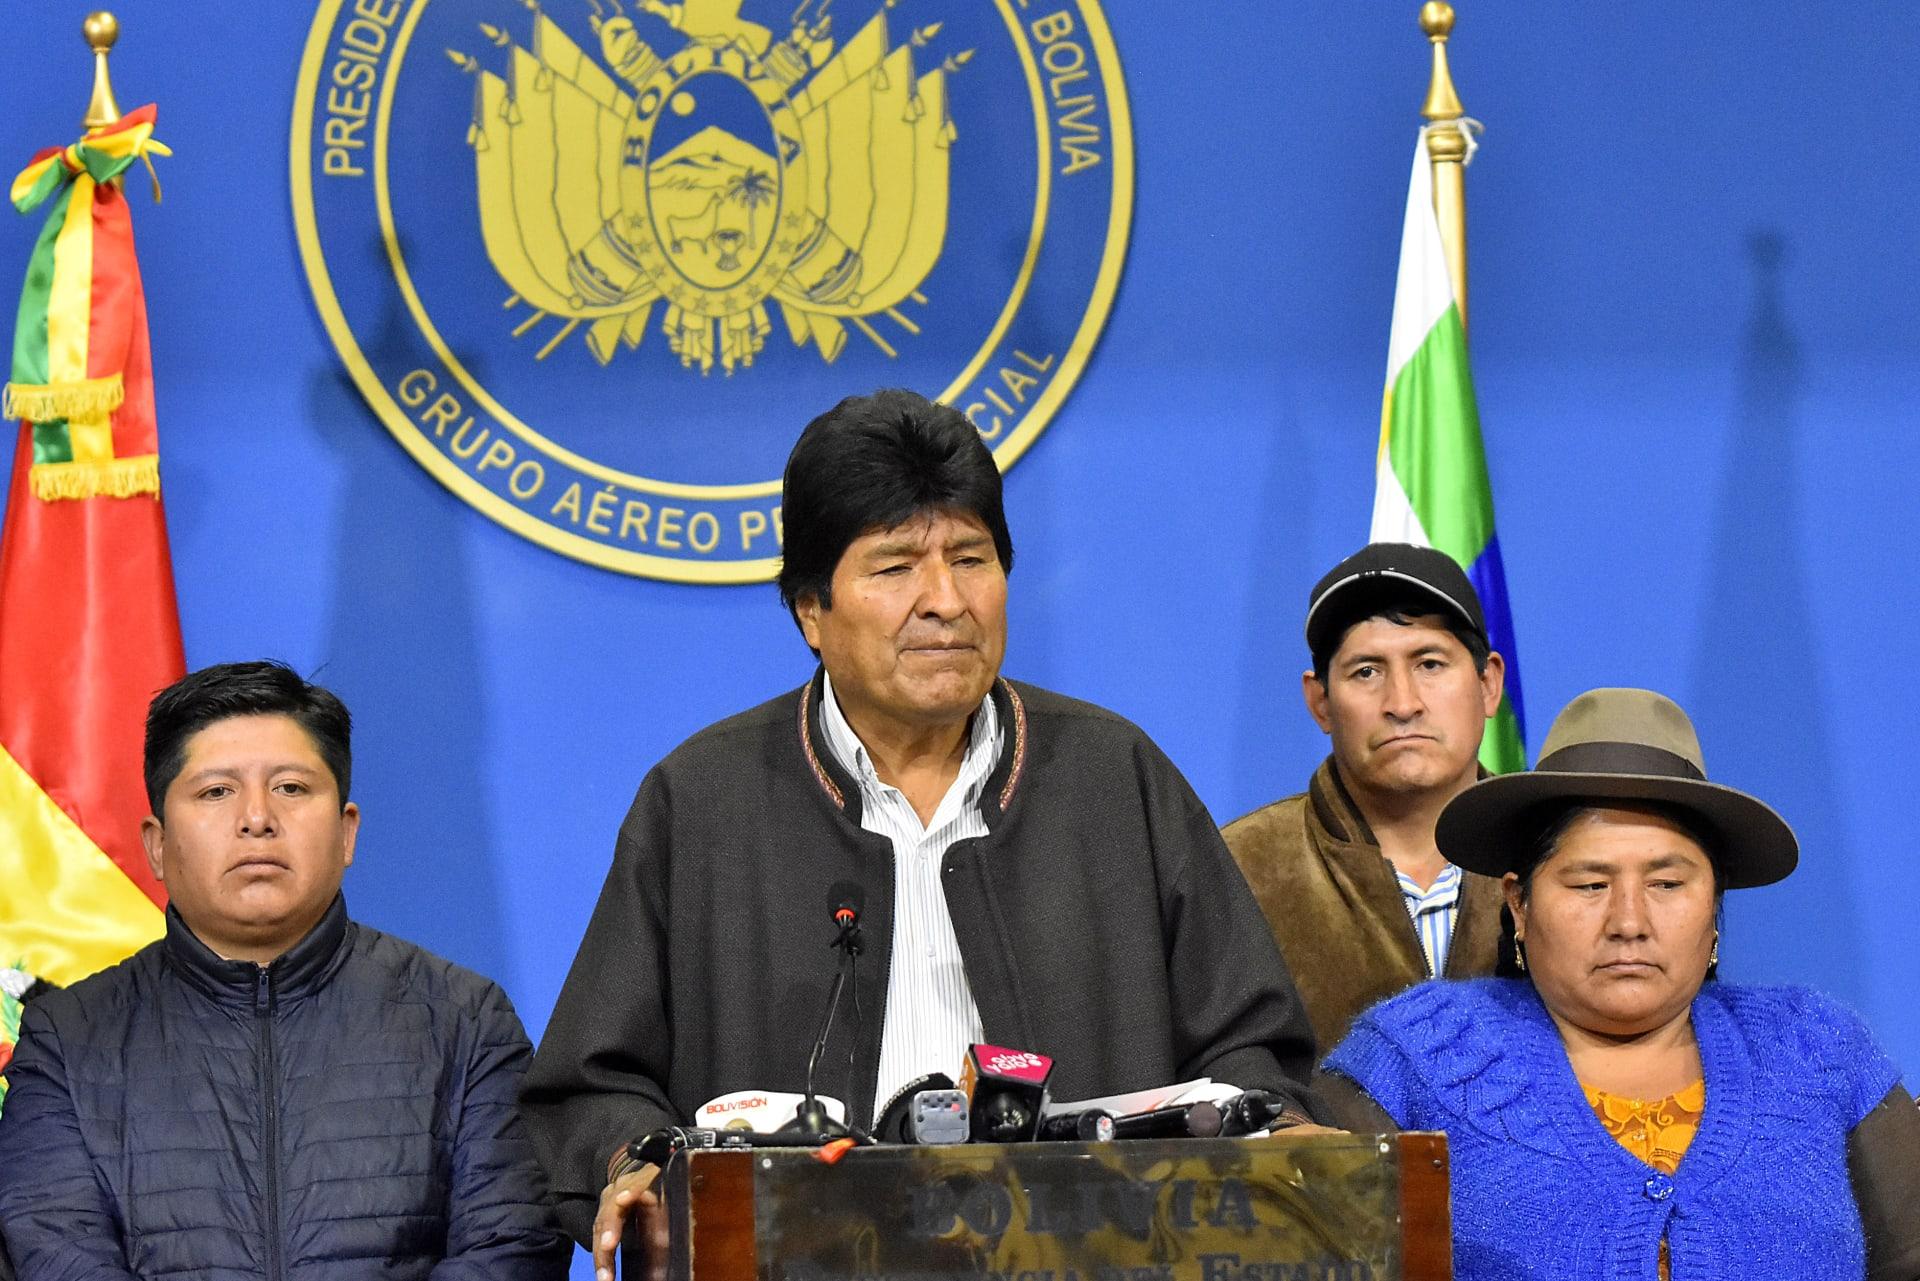 رئيس بوليفيا يعلن استقالته من منصبه بعد أسابيع من الاحتجاجات